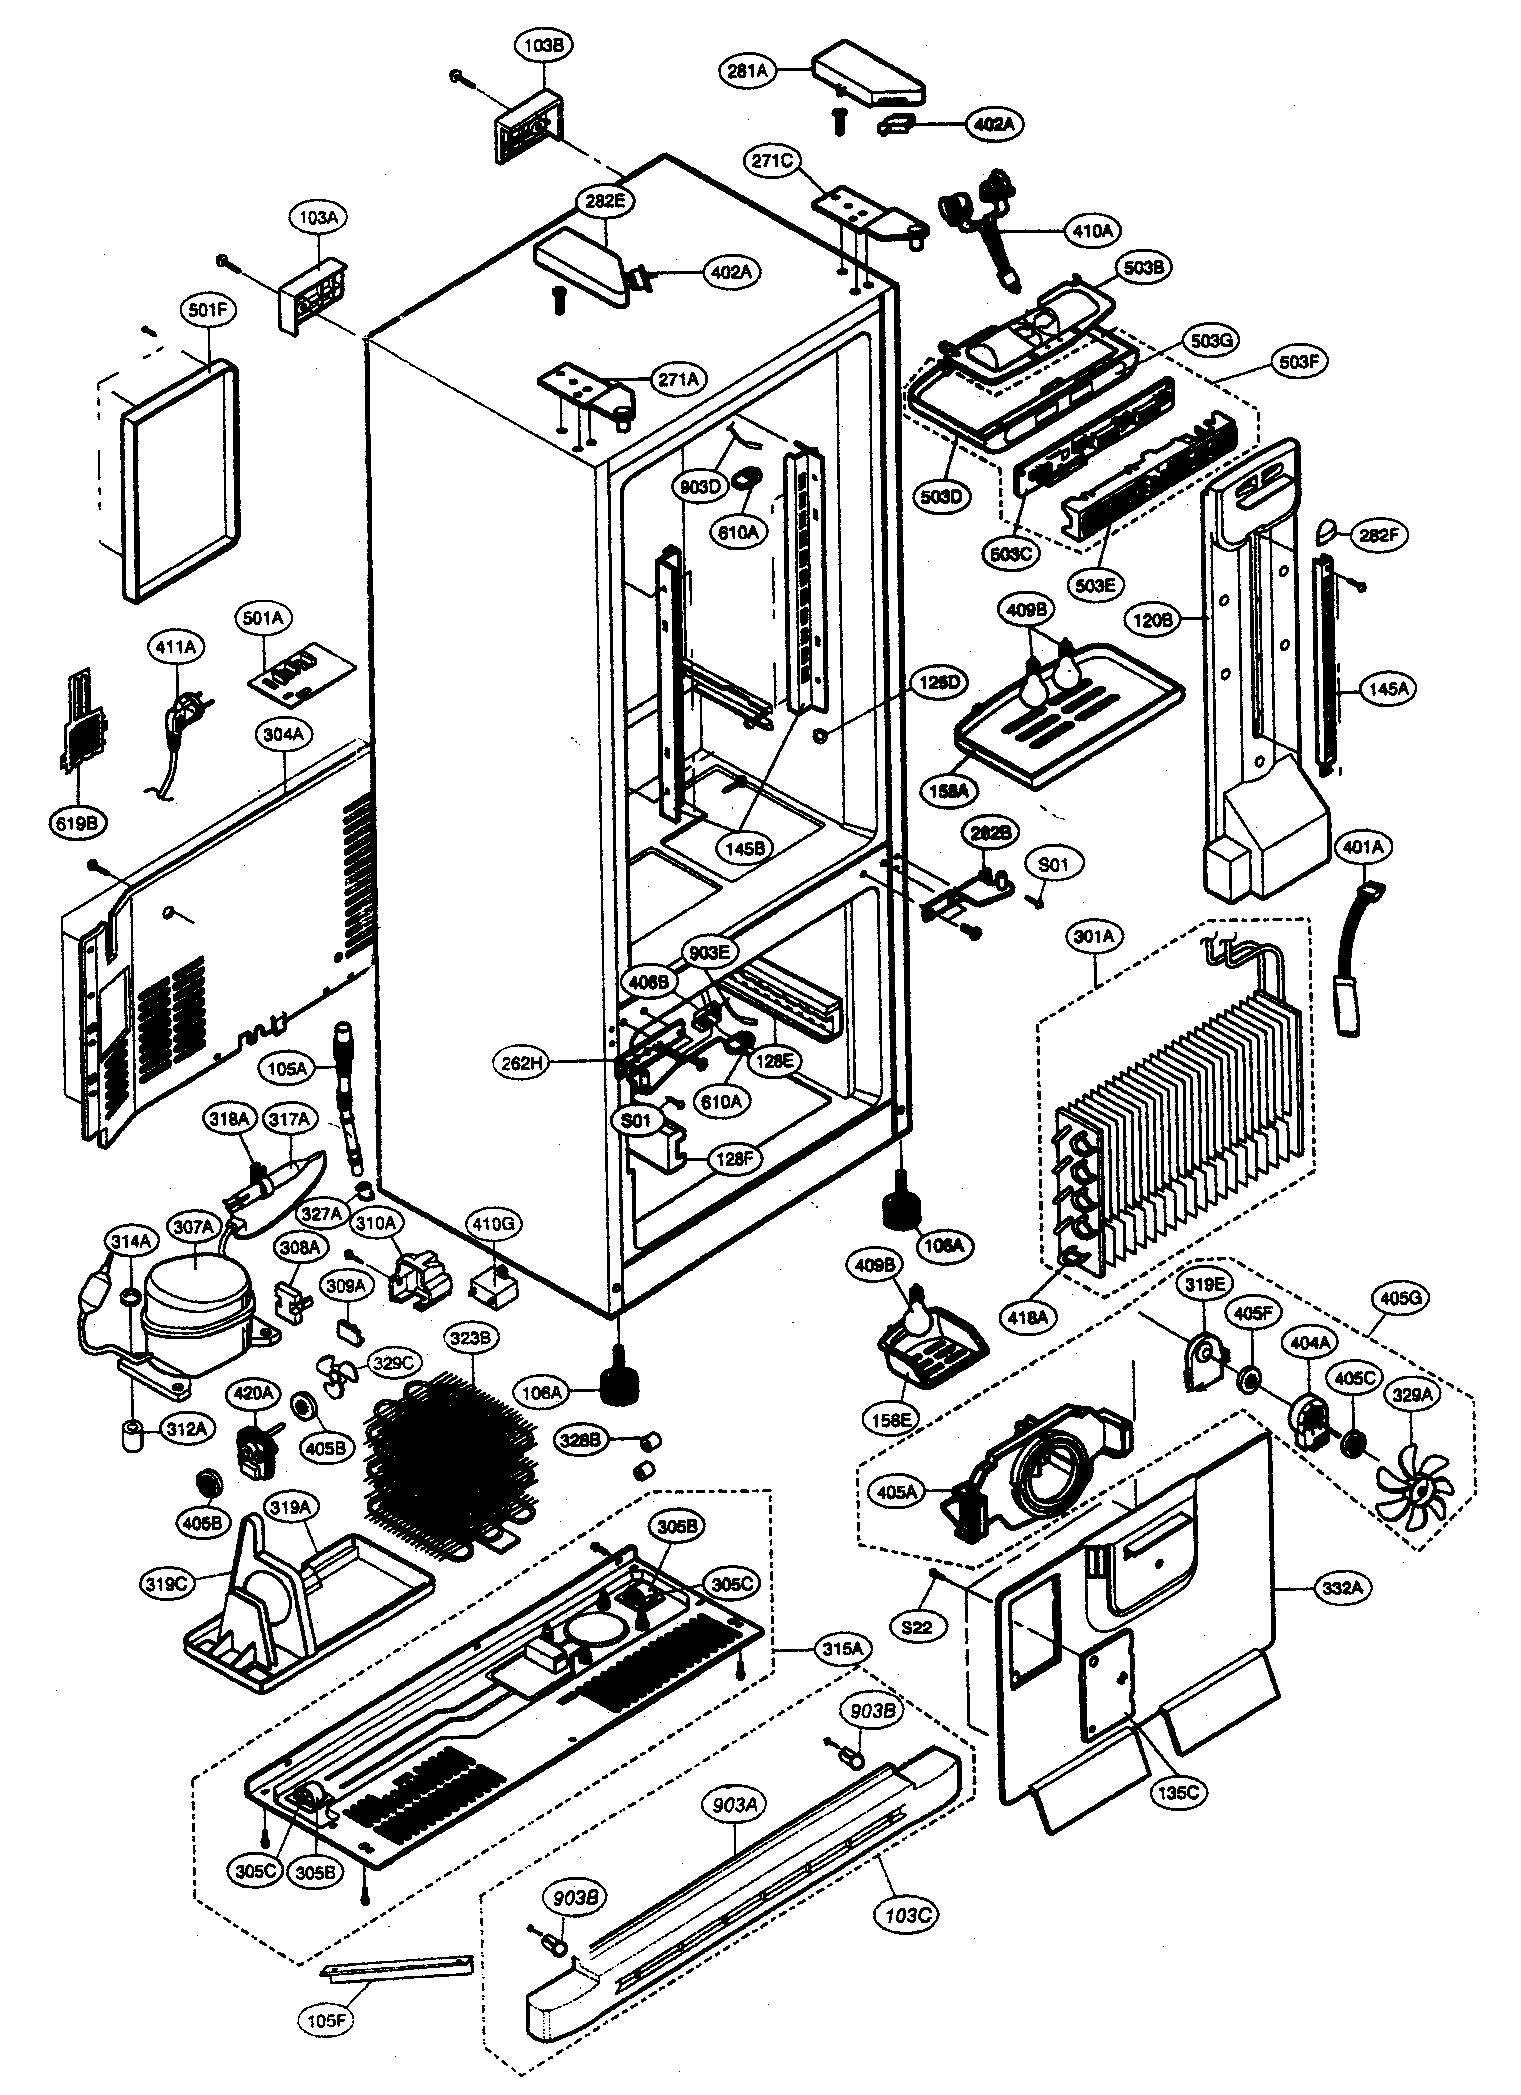 CABINET PARTS Diagram & Parts List for Model 79577319600